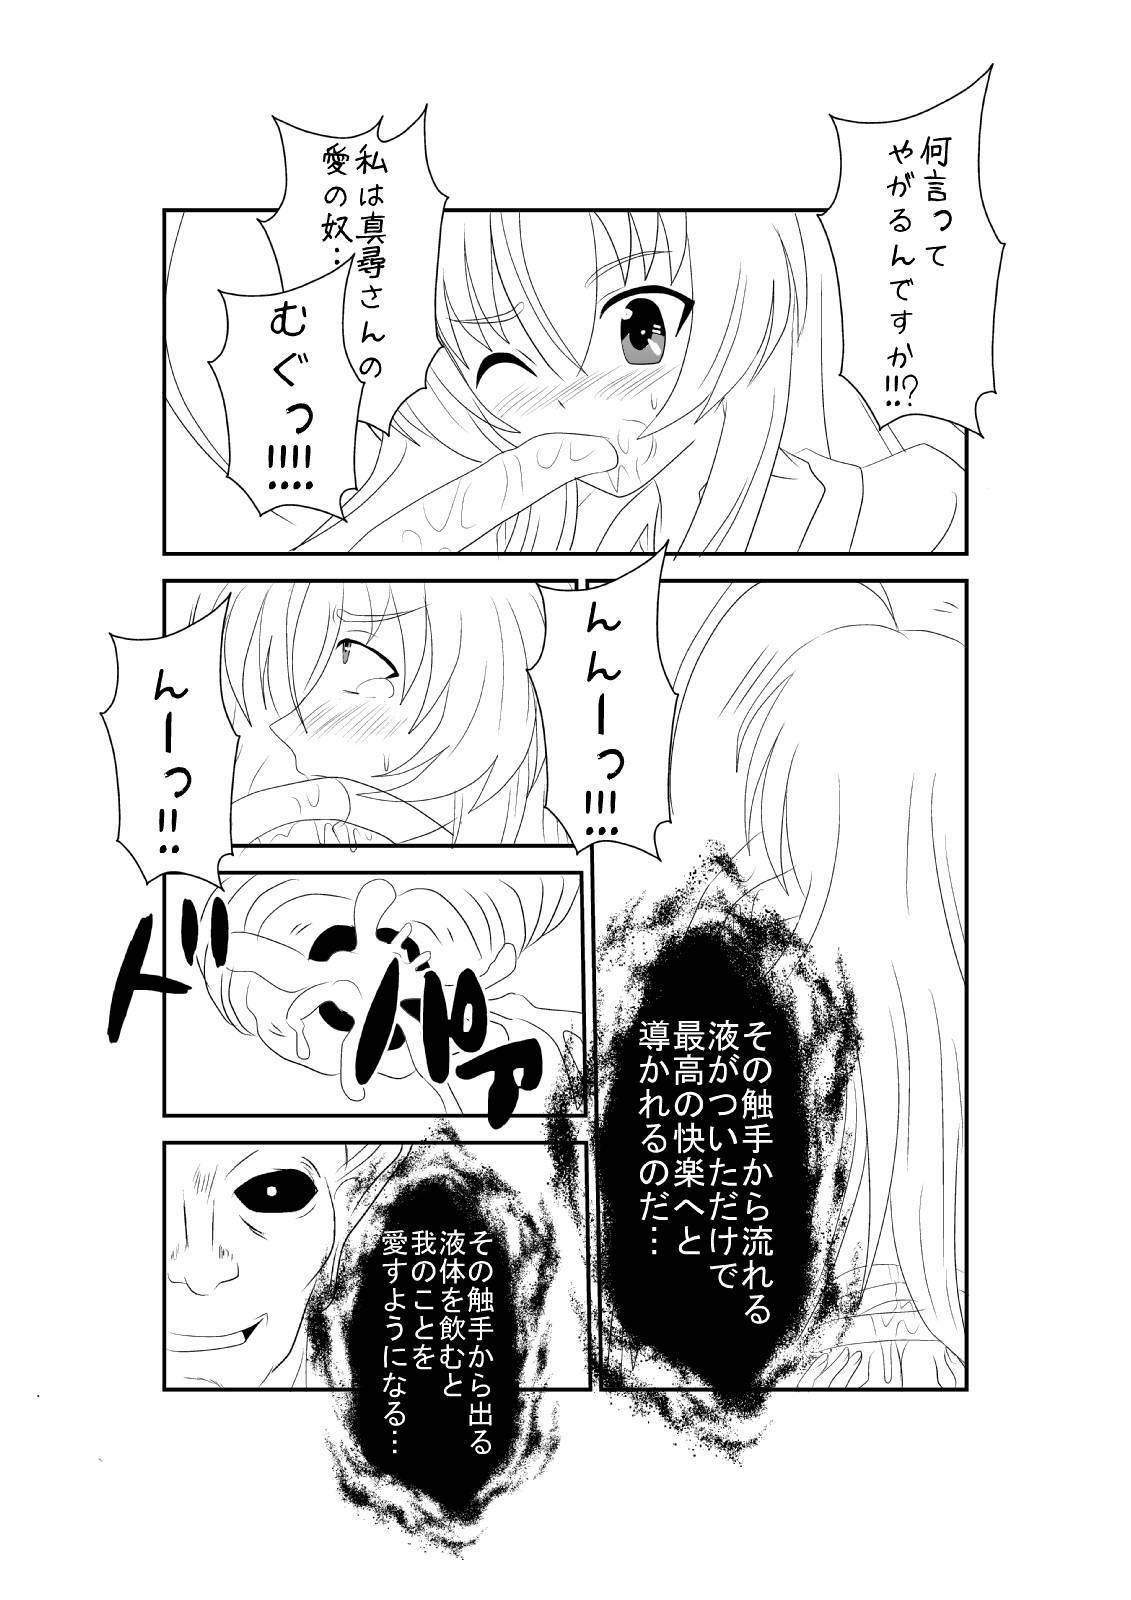 Sennou Kyouiku Shitsu 6